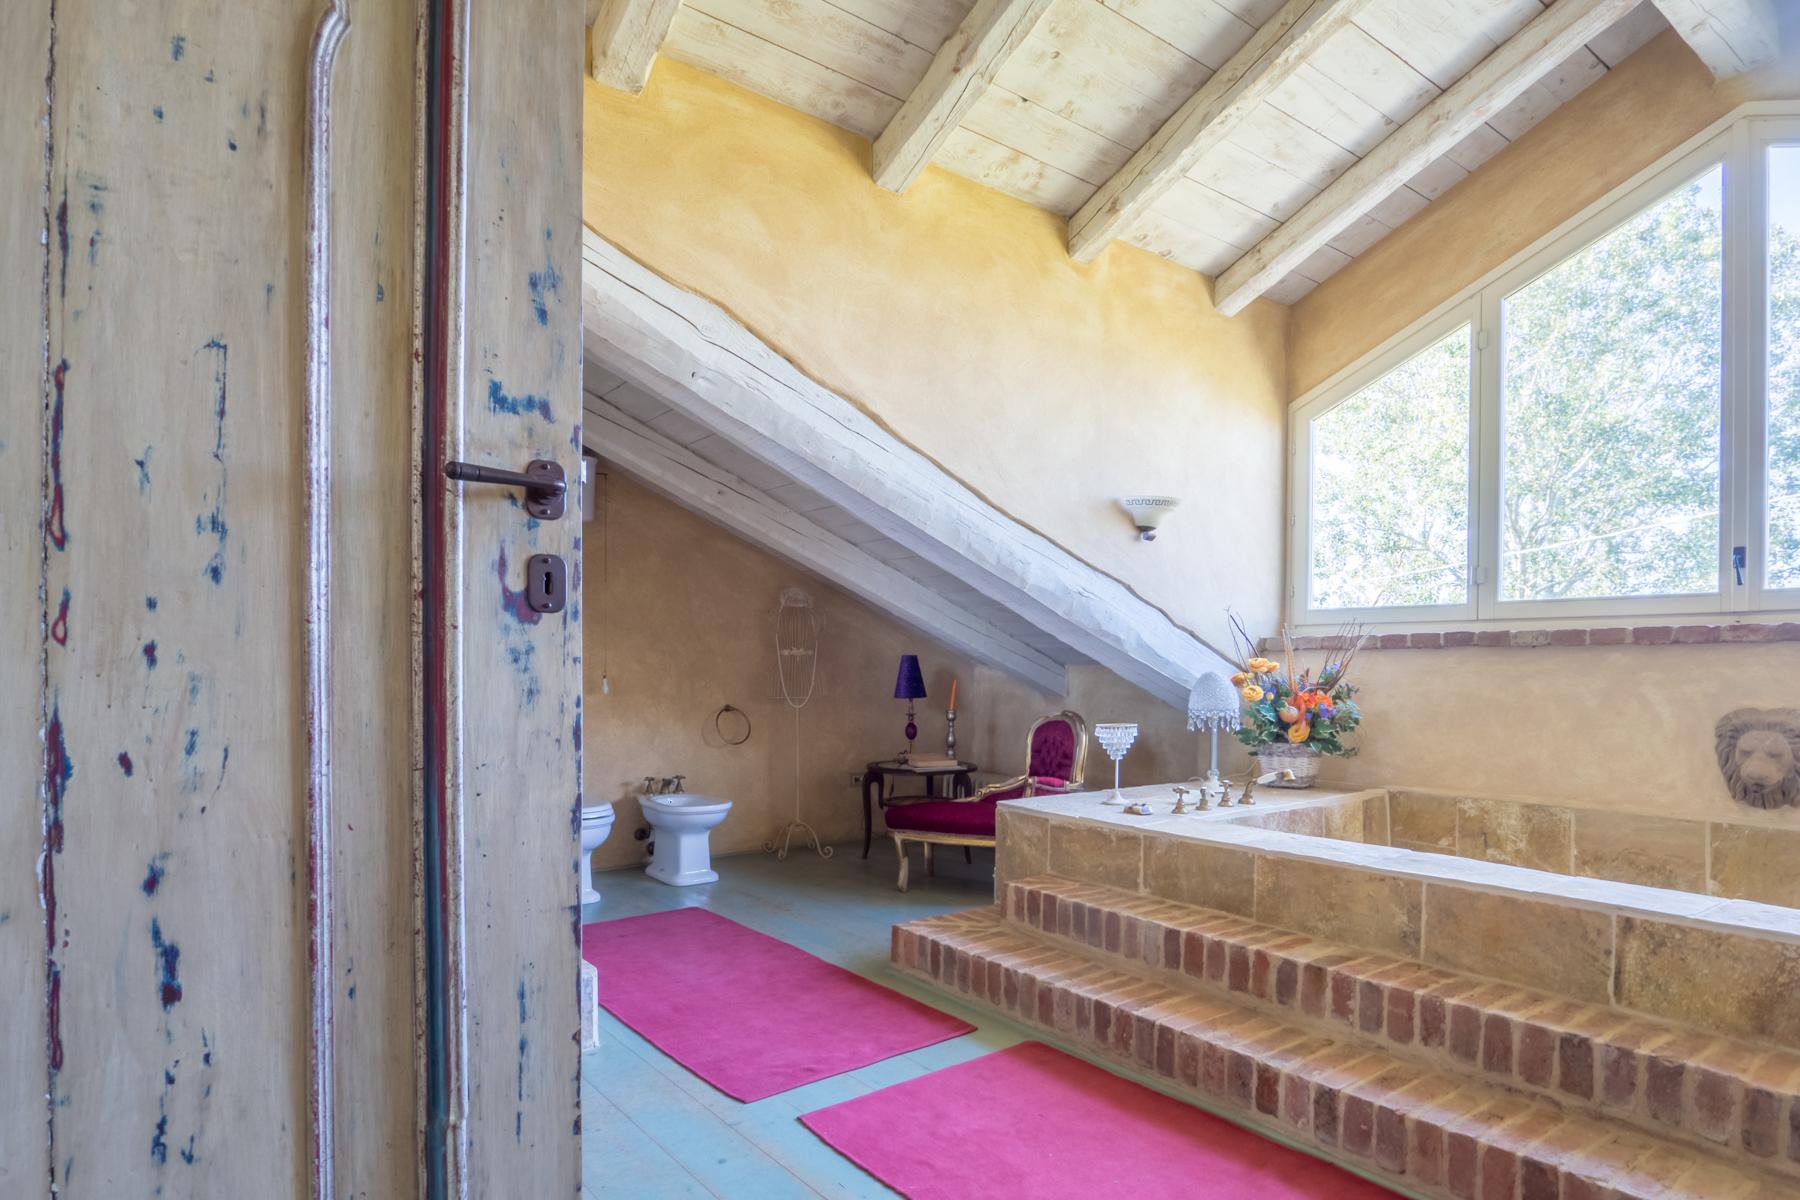 Rustico in Vendita a Montemagno: 5 locali, 2000 mq - Foto 12